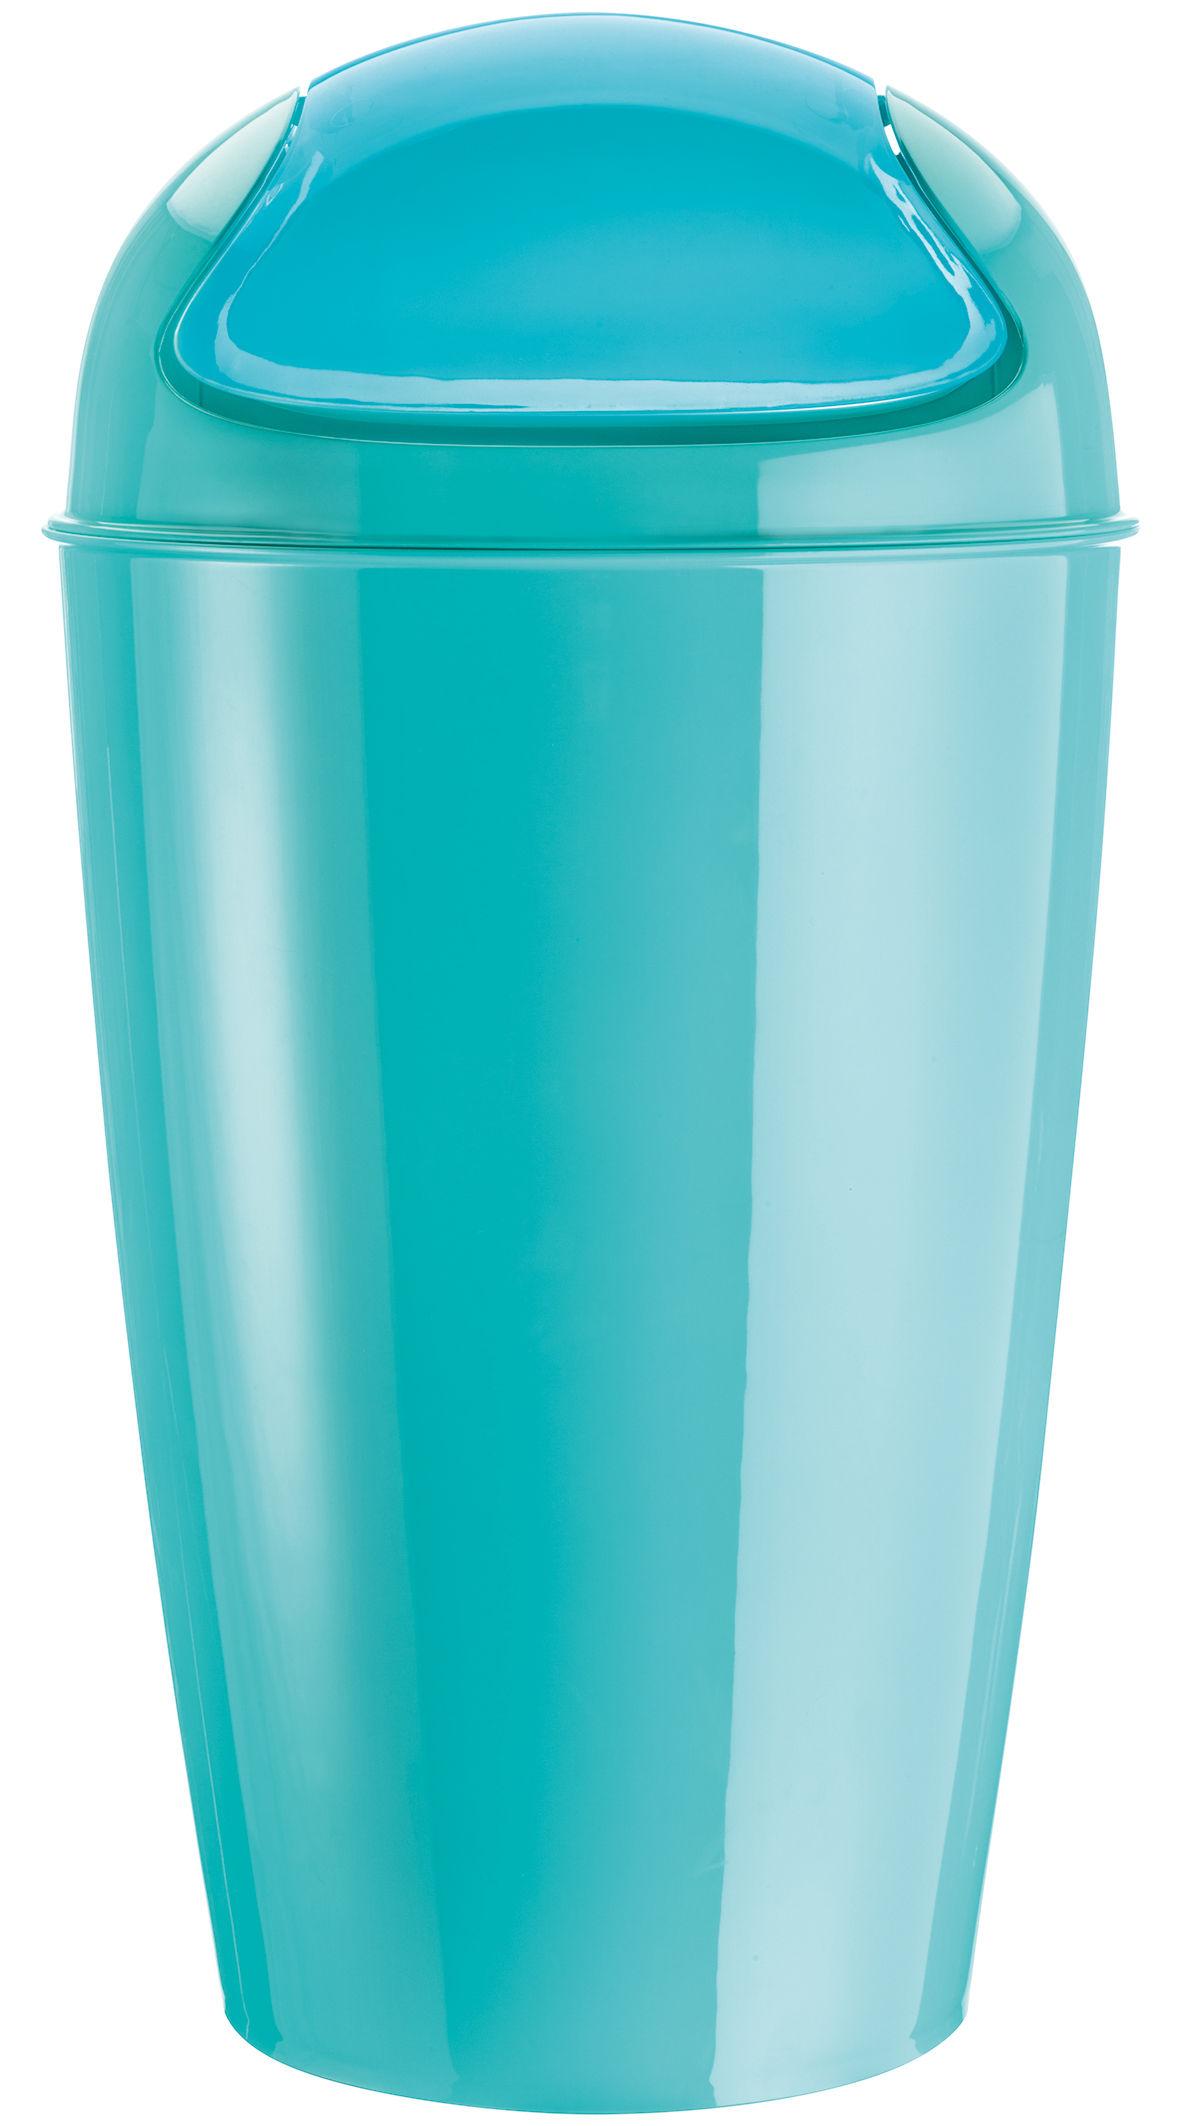 Déco - Poubelles - Poubelle Del XL / H 65 cm - 30 Litres - Koziol - Turquoise opaque - Polypropylène